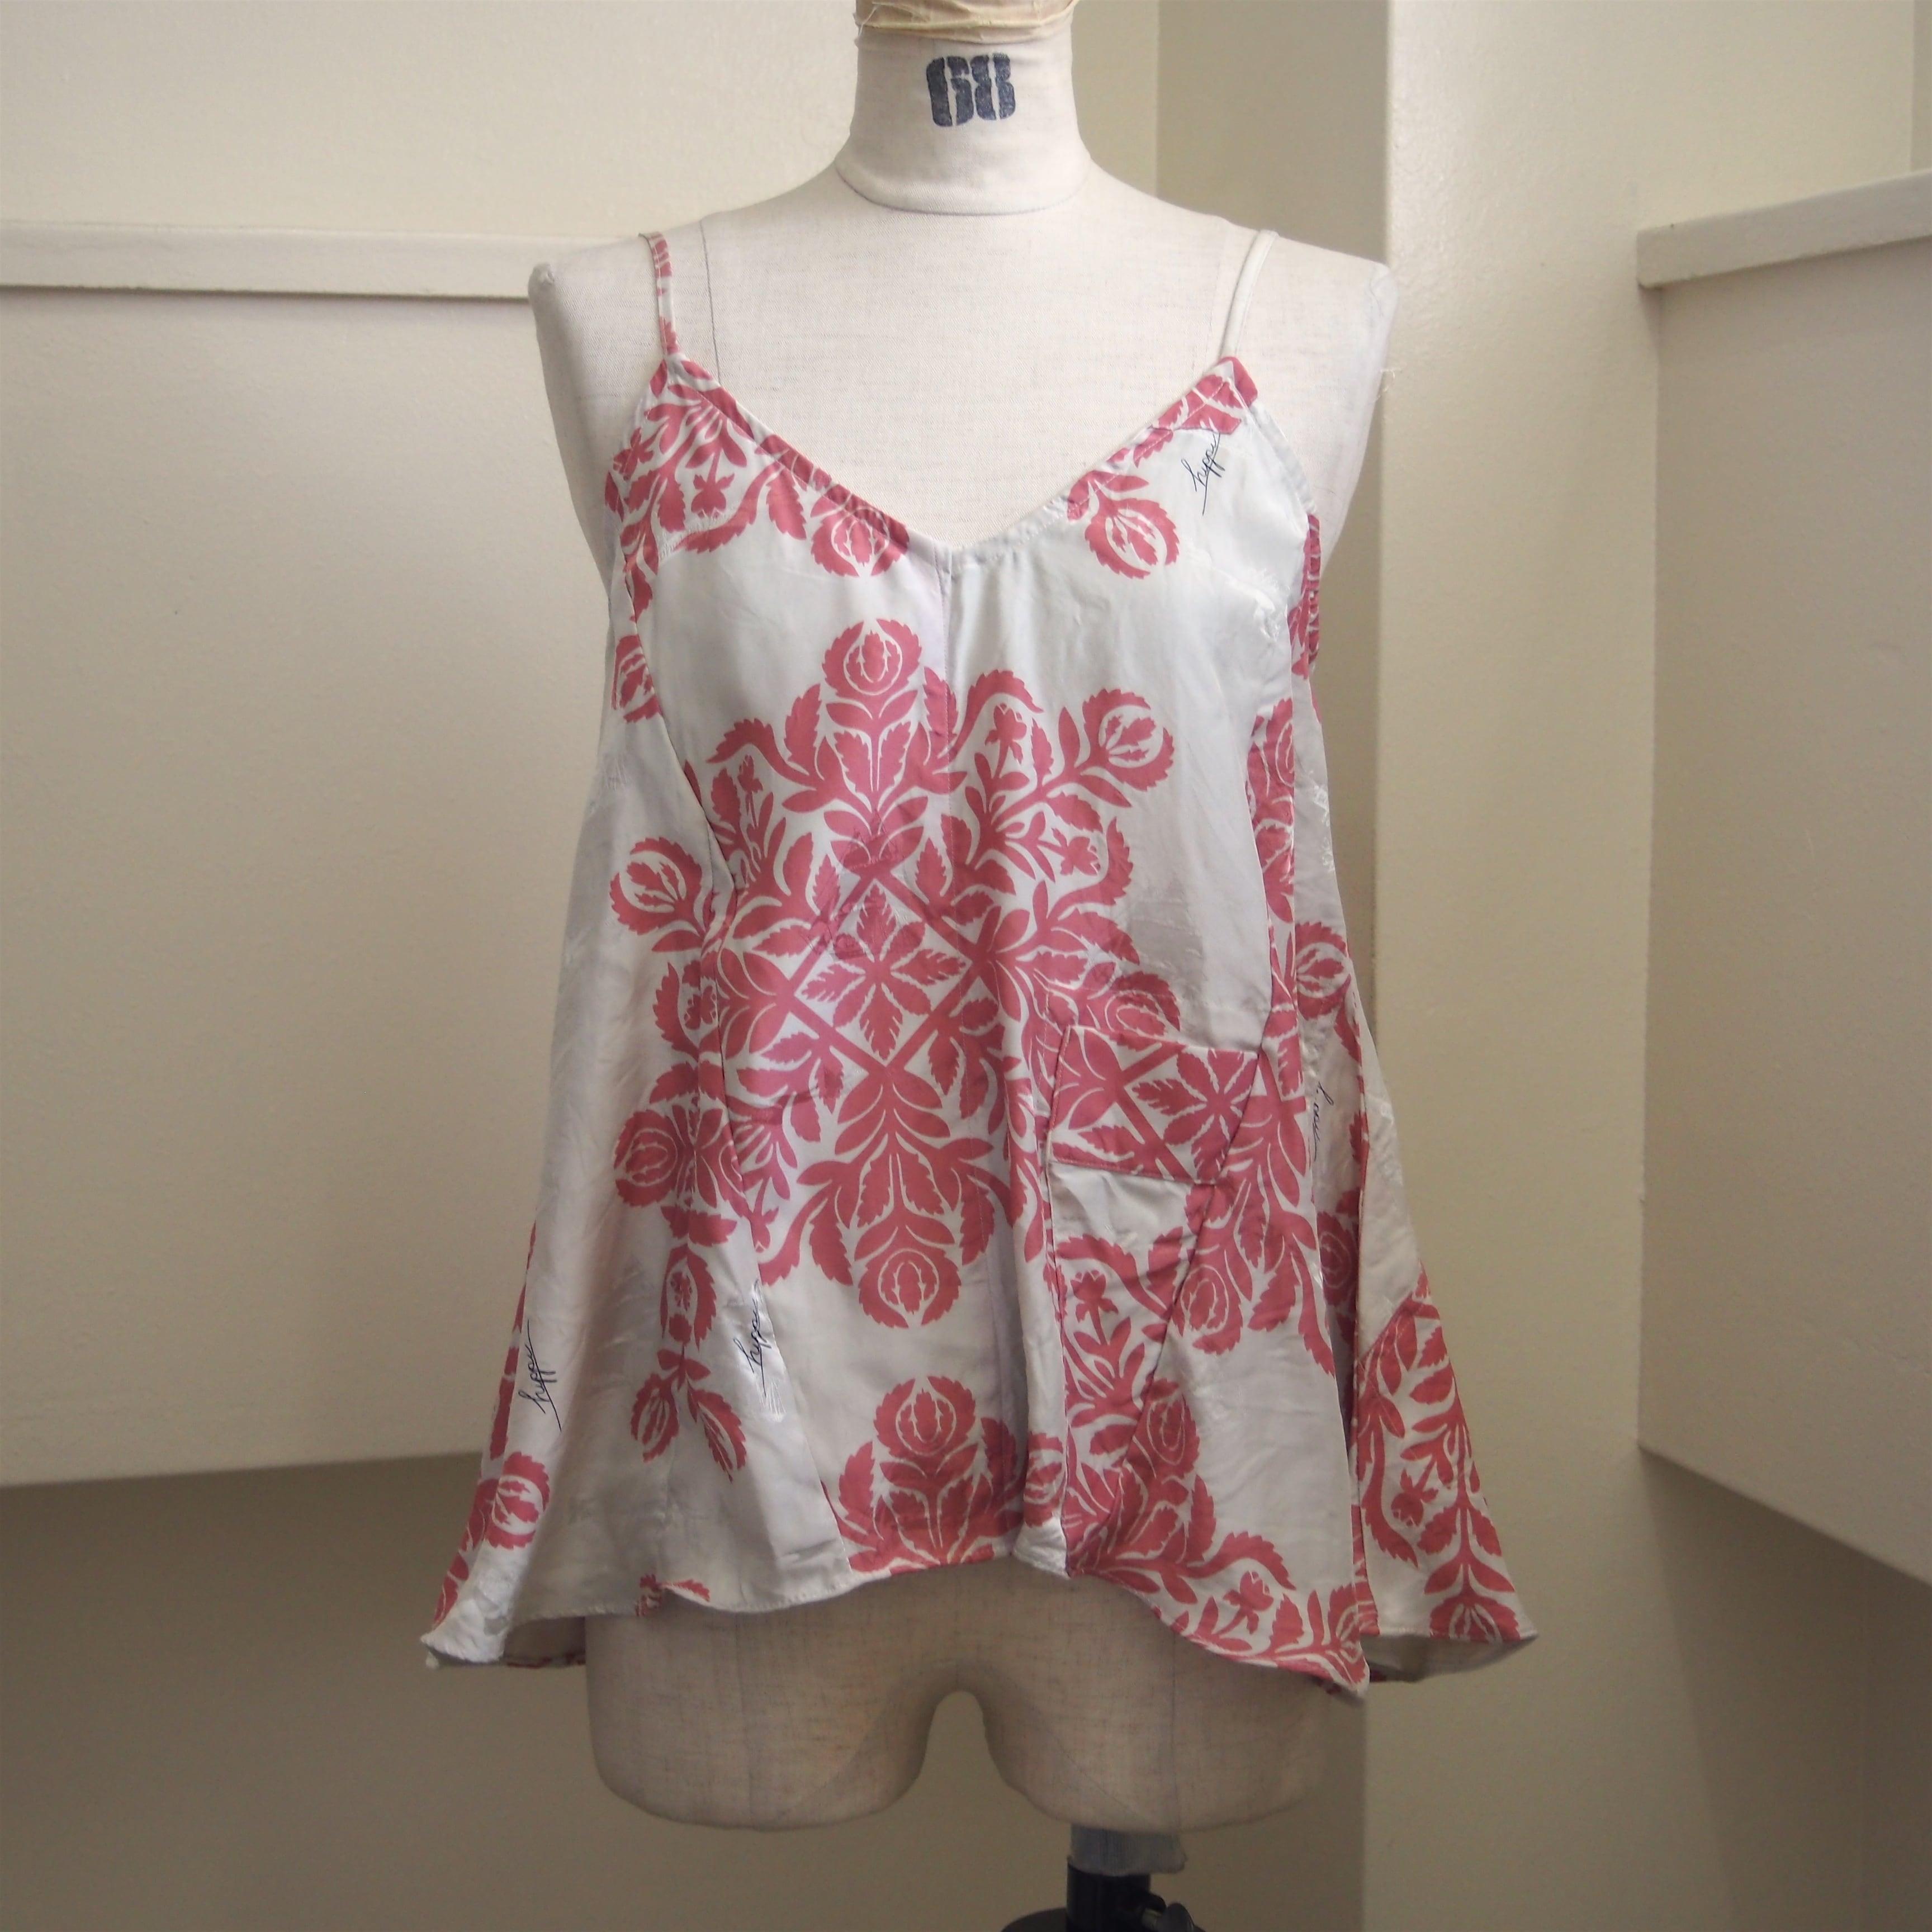 【ethical hippi】Hawaiian quilt camisole(B) / 【エシカル ヒッピ】ハワイアン キルト キャミソール(B)